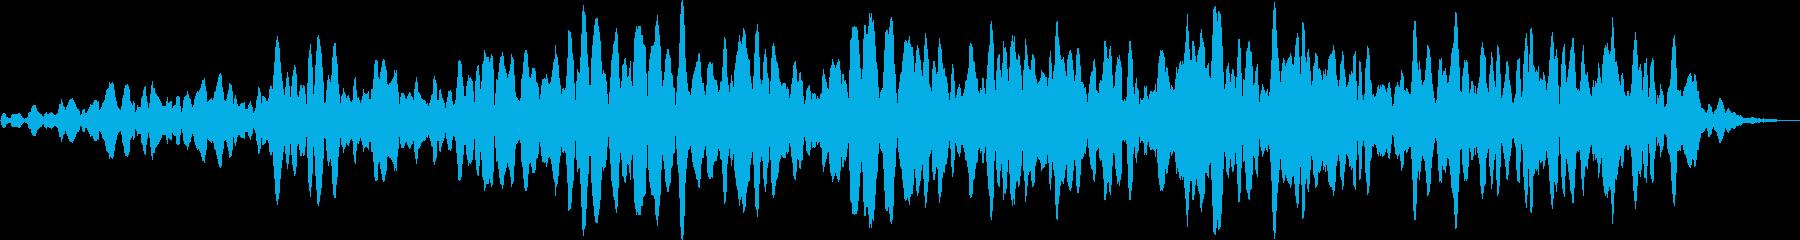 ヒューッ (オーラを溜める音)の再生済みの波形